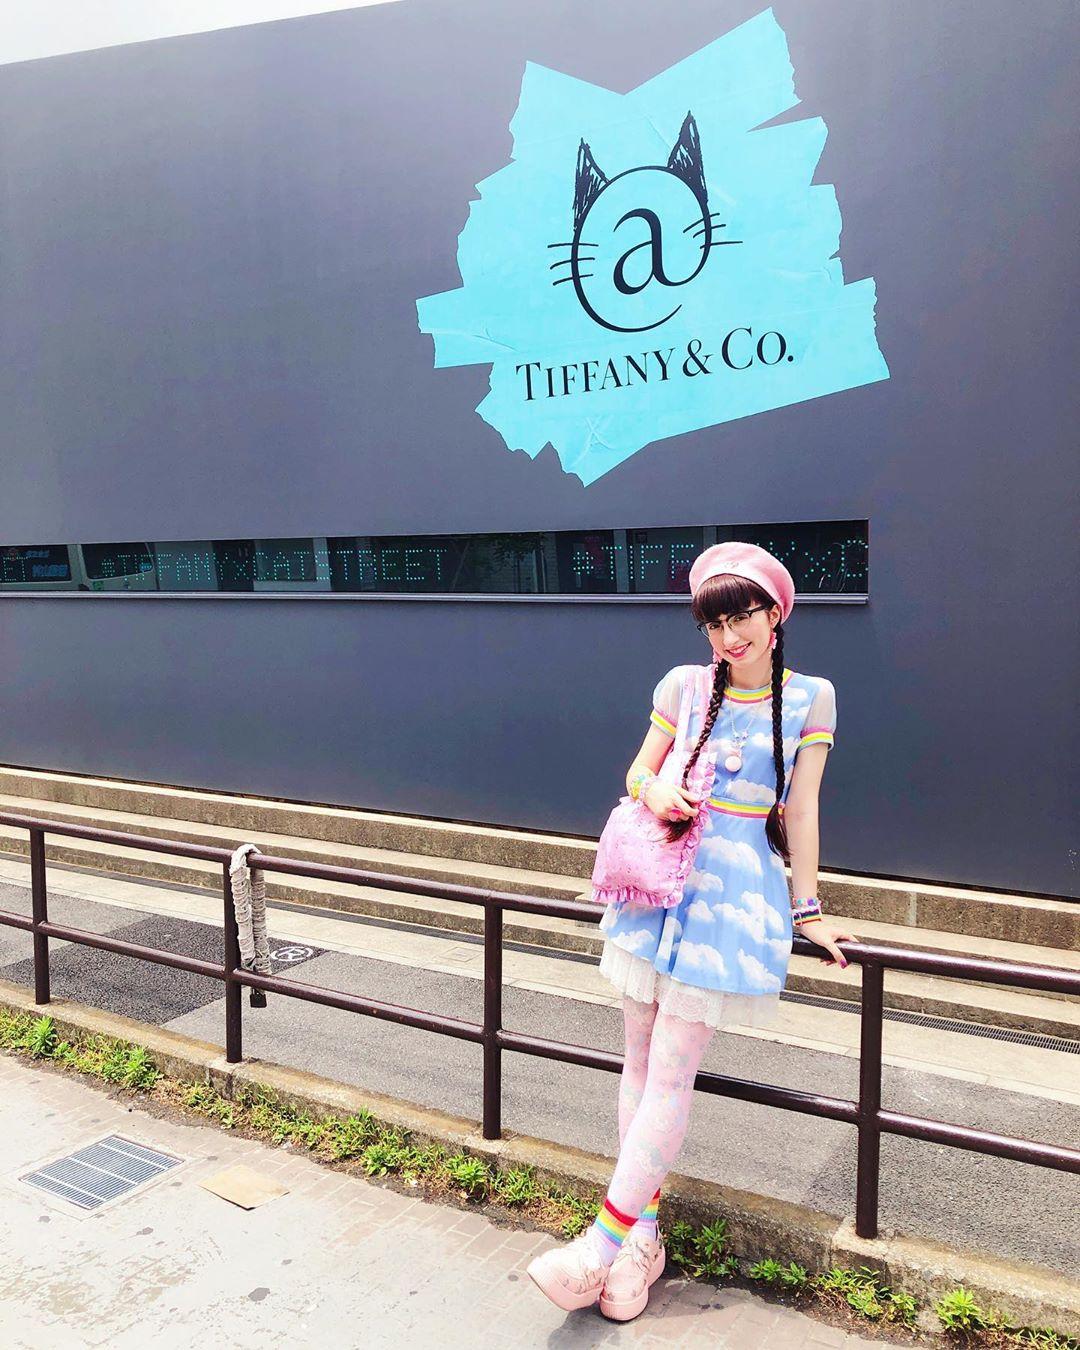 kawaii-fashion-harajuku-%e5%8e%9f%e5%ae%bf-%e3%82%ab%e3%83%af%e3%82%a4%e3%82%a4-2